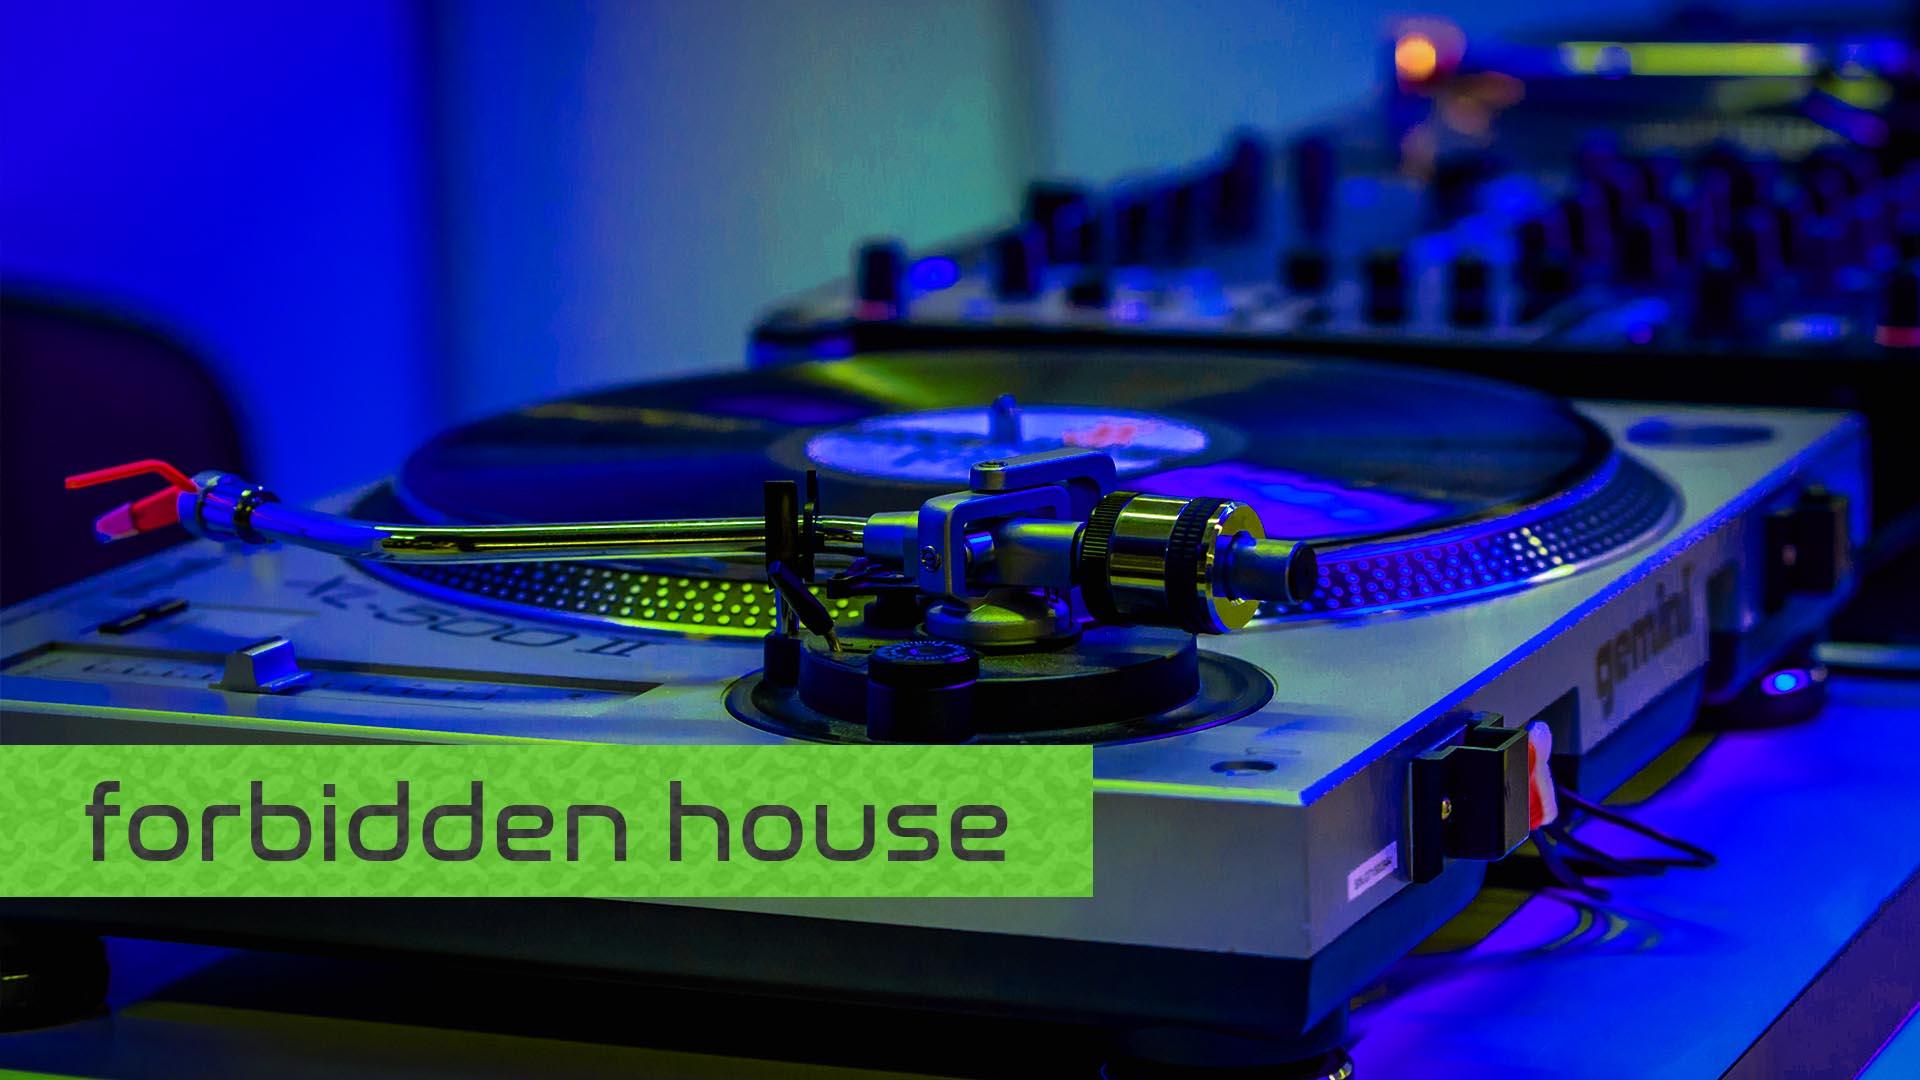 Forbidden House